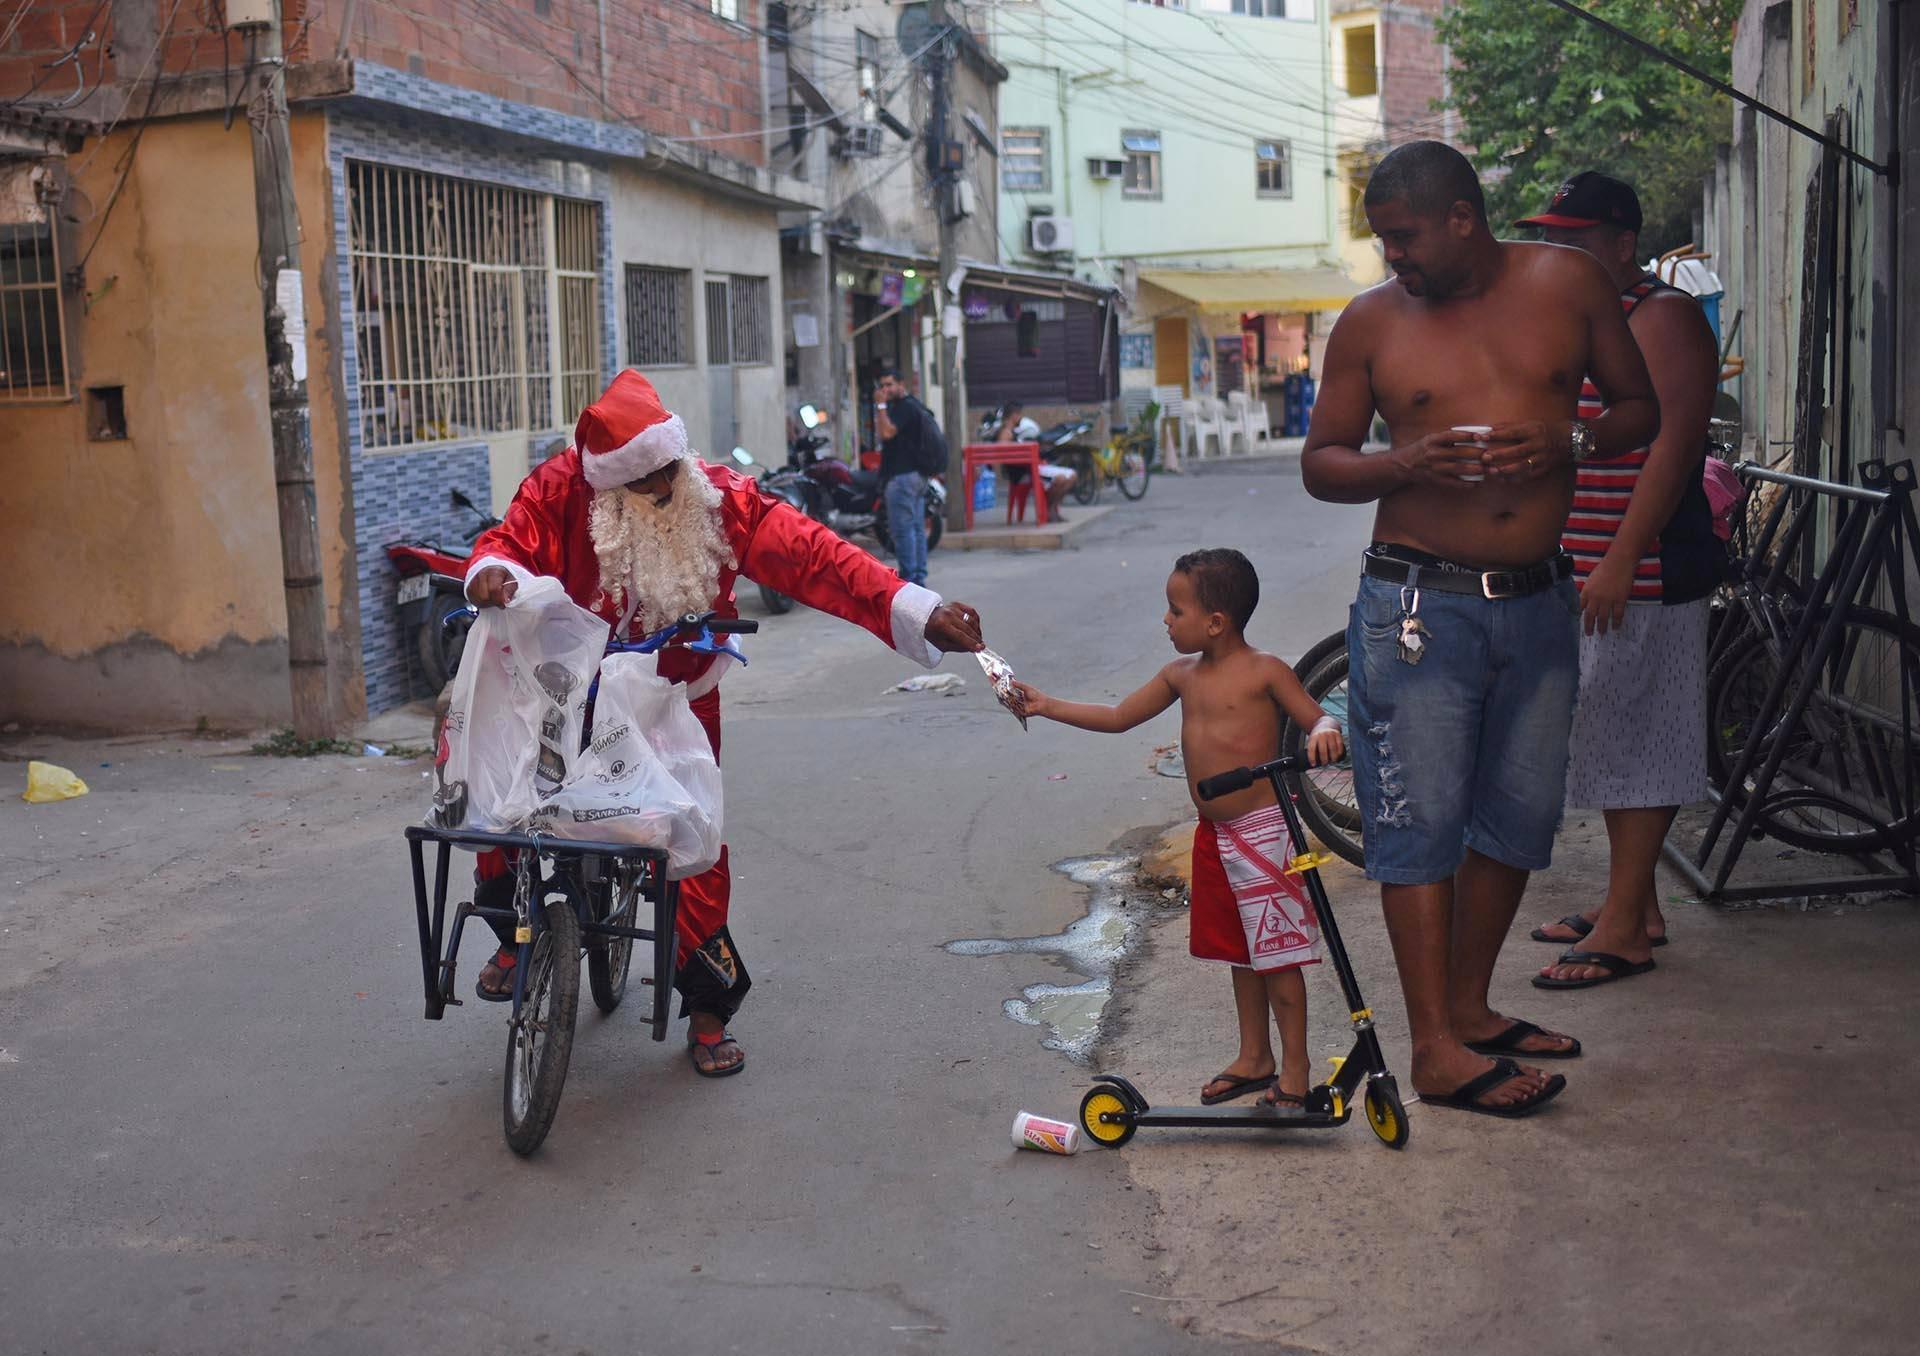 Joulupukki jakoi lahjoja lapsille Favela de Ramos -nimisessä slummissa Rio de Janeirossa Brasiliassa.